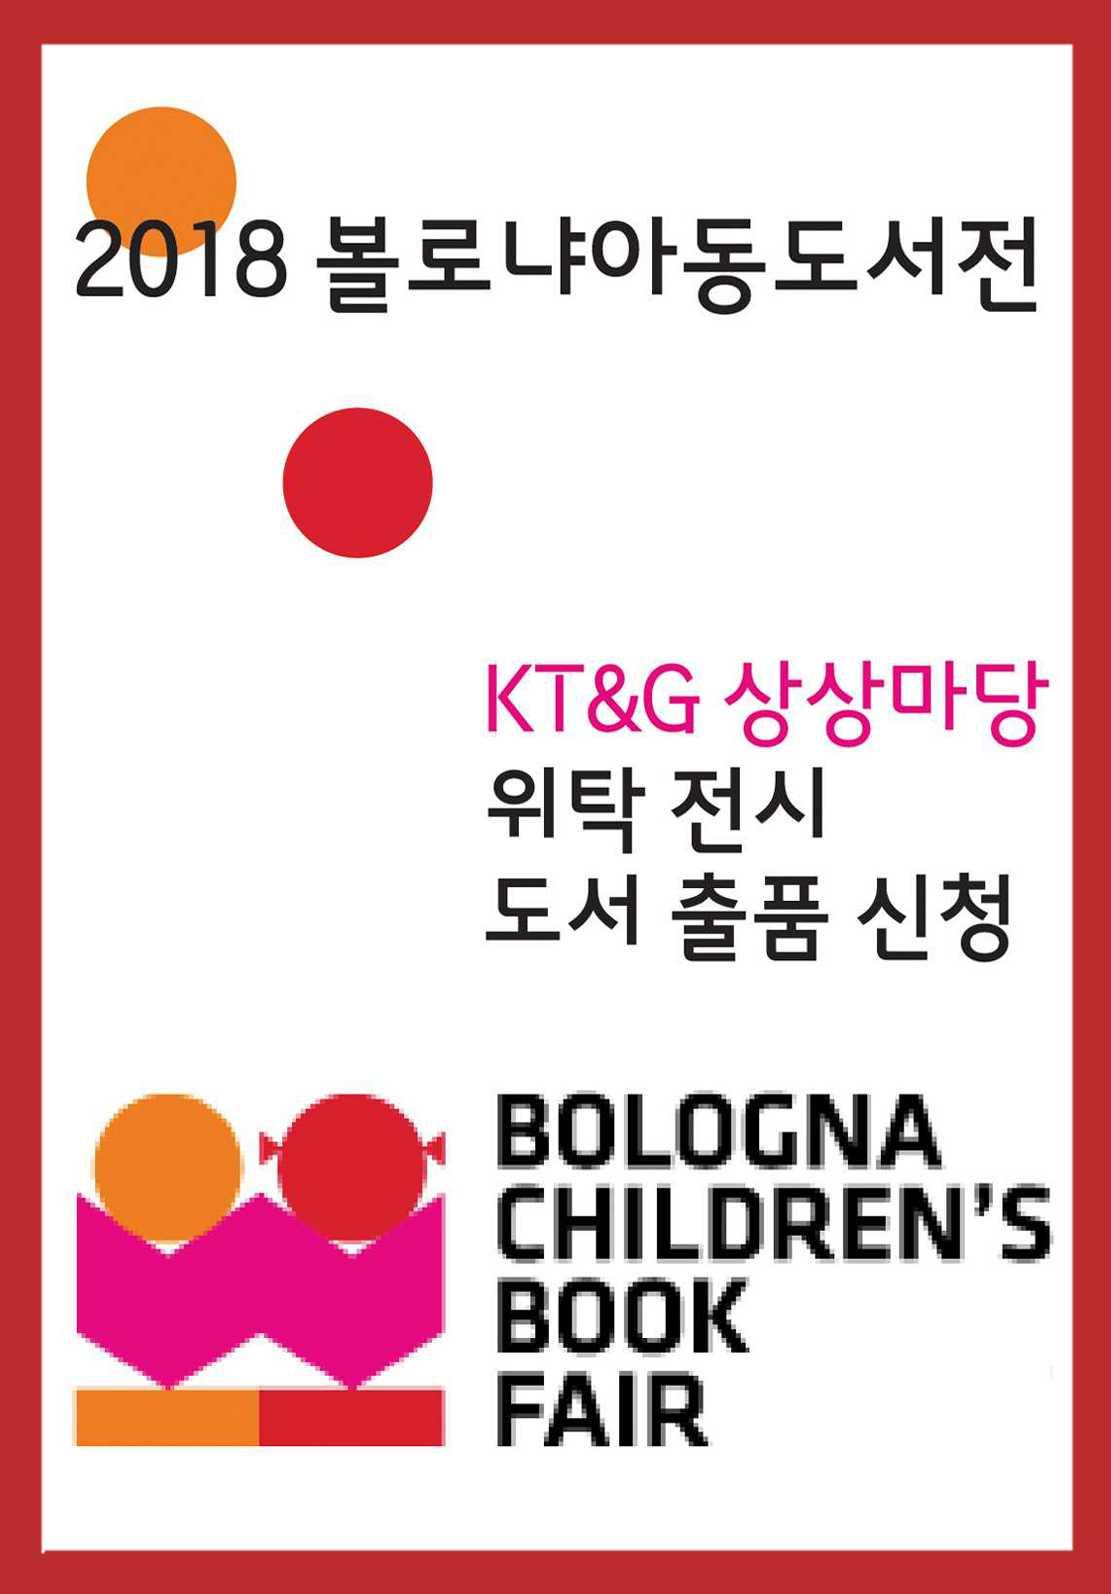 볼로냐아동도서전 위탁 전시 도서 출품 신청